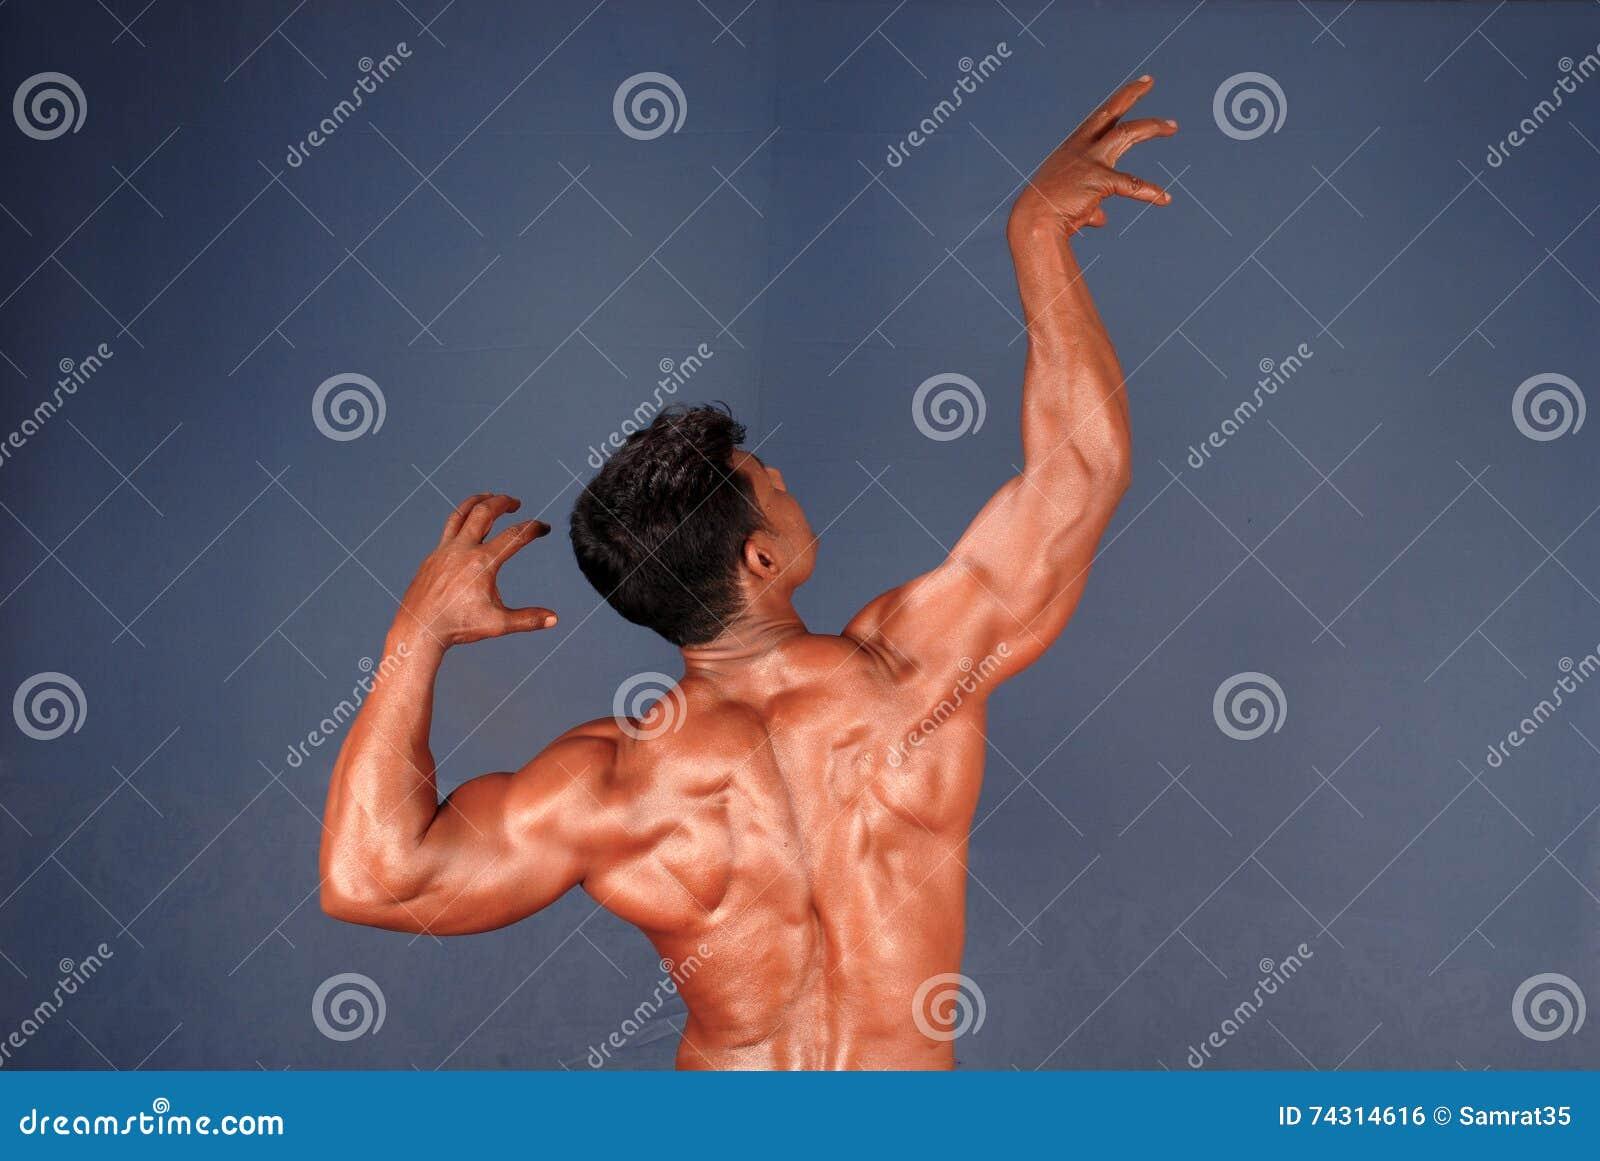 Byggmästare för manlig kropp